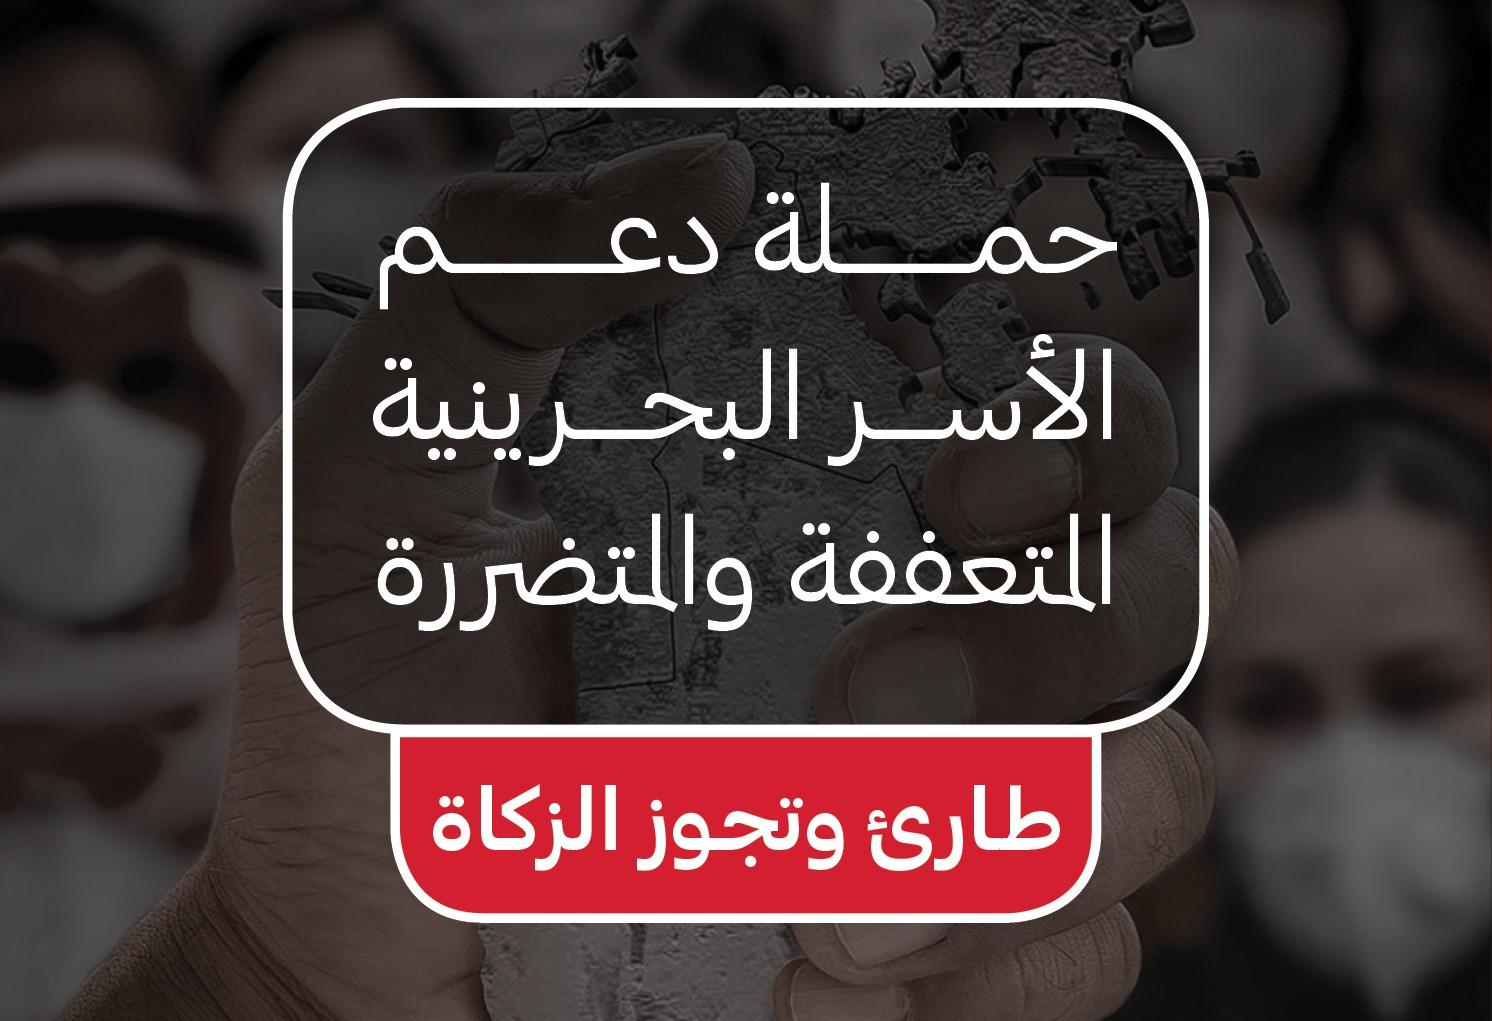 دعم الأسر البحرينية المتعففة المتضررة من فايروس كورونا